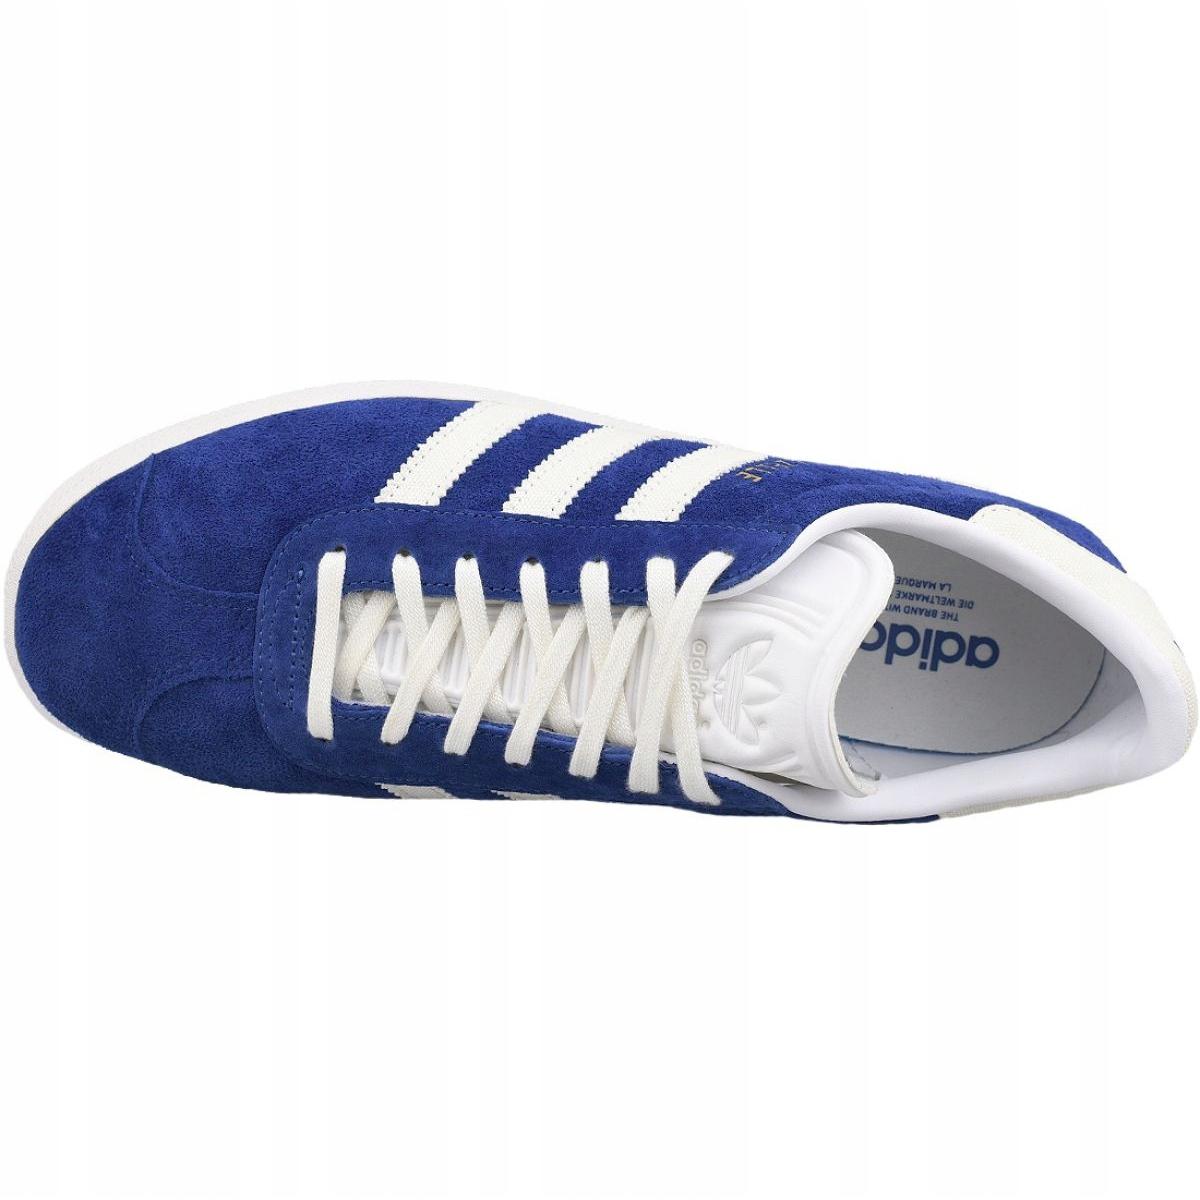 Détails sur Adidas Originals Gazelle B41648 chaussures bleu